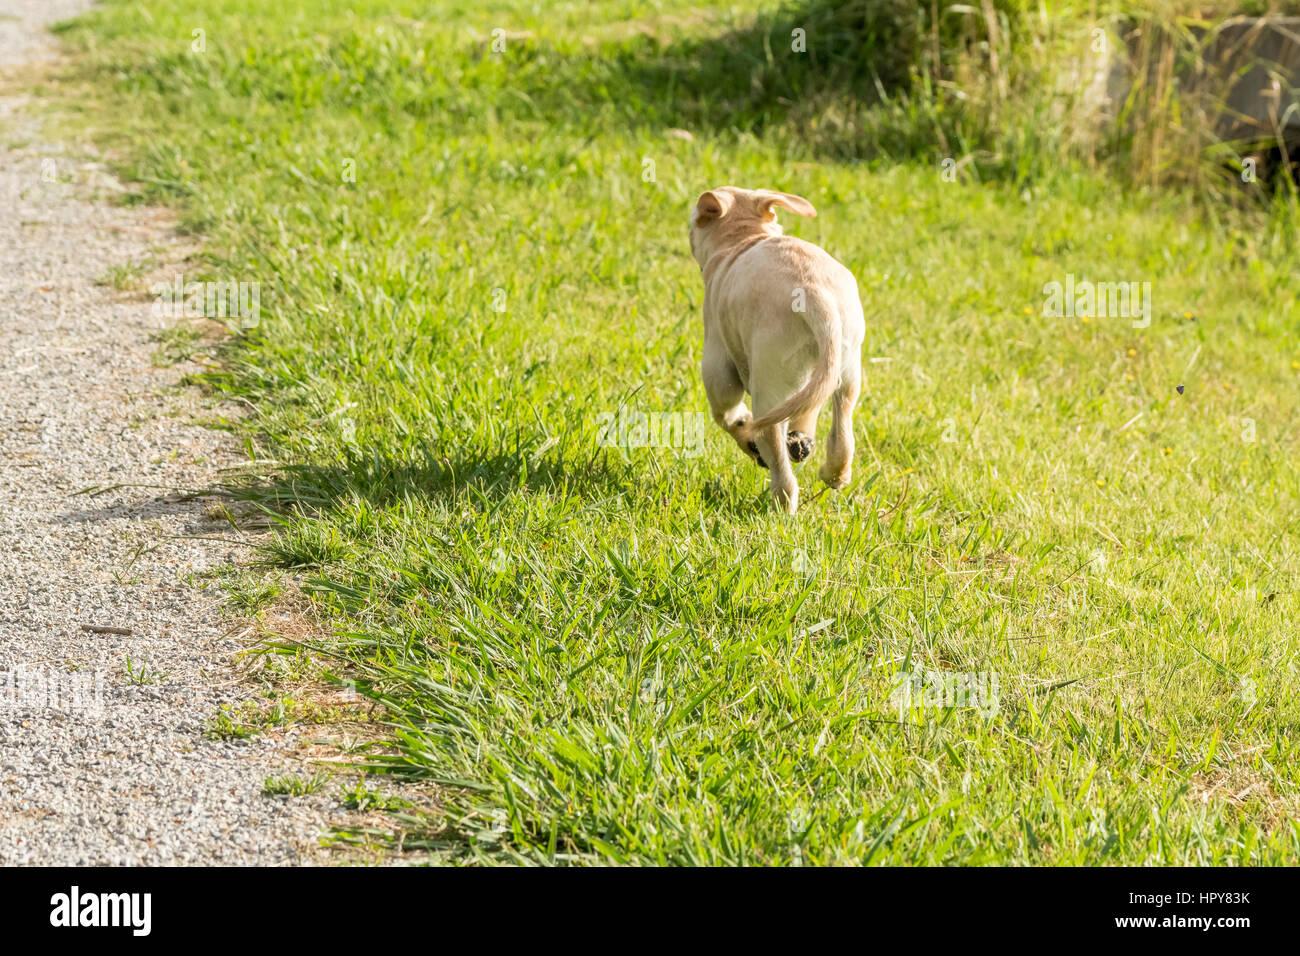 A naughty yellow Labrador puppy runs away across a grassy park. Stock Photo